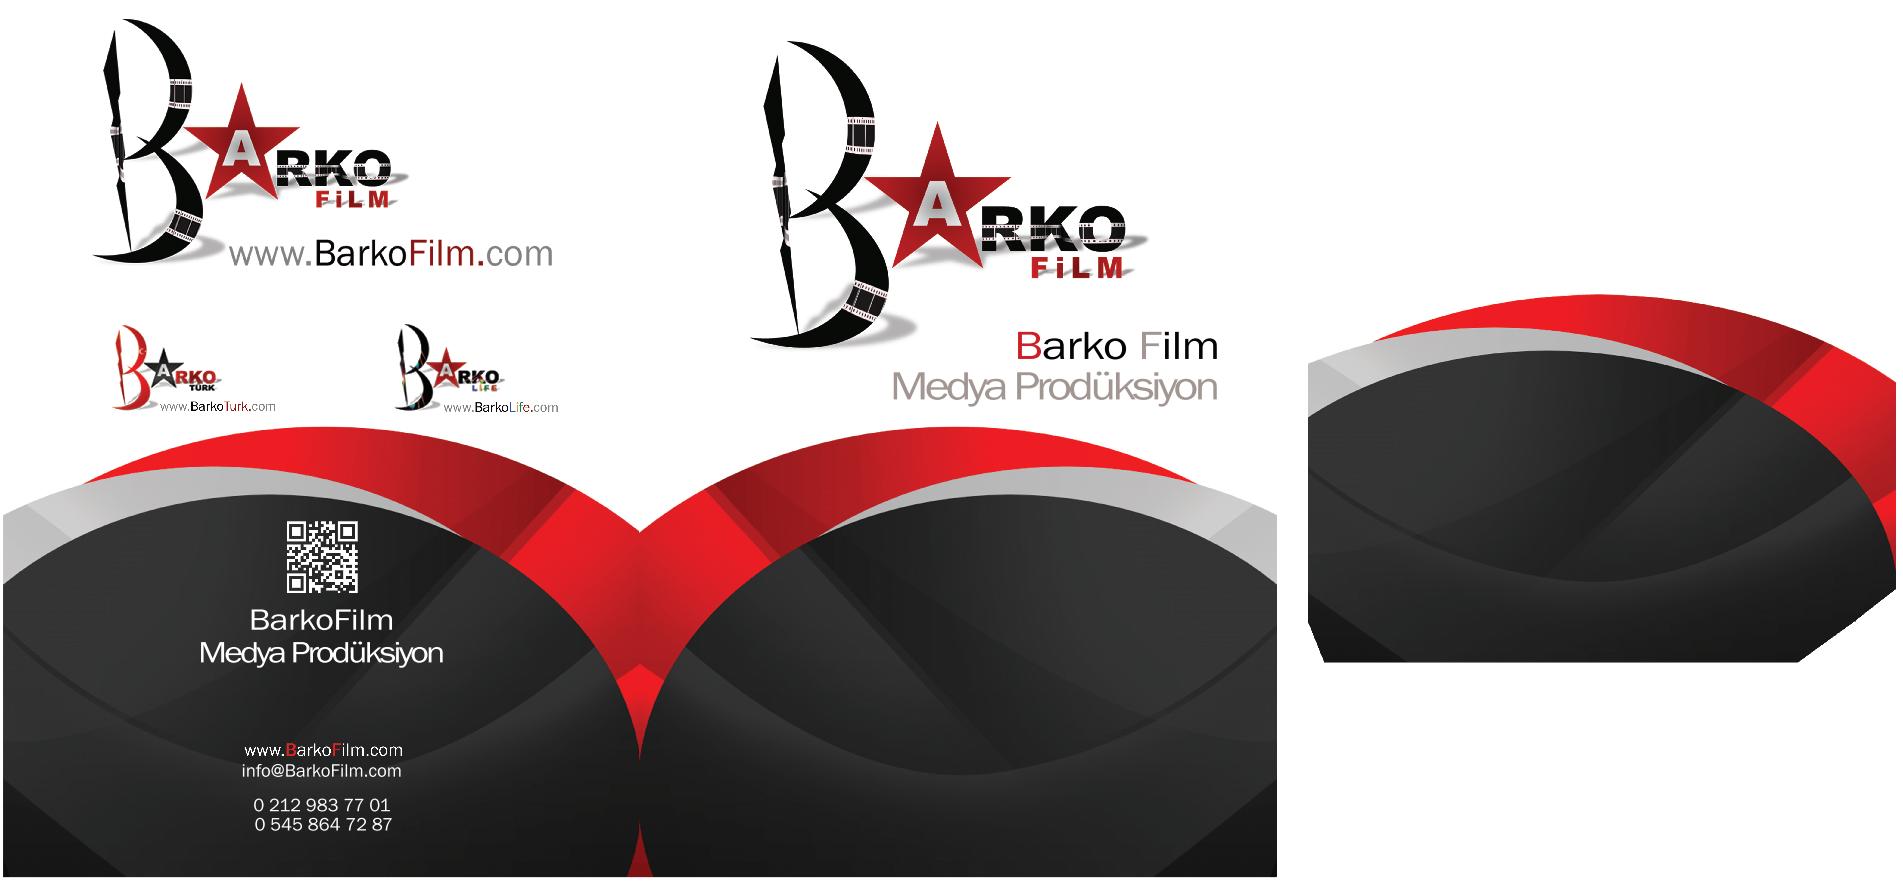 Cocacola, Ülker, Halifaks Hotel gibi bir çok büyük markaya grafik tasarım  çalışması yapan Barko Film ekibi, buram buram kalite kokan tasarımları ile  bir tık PlusPng.com  - Barko PNG